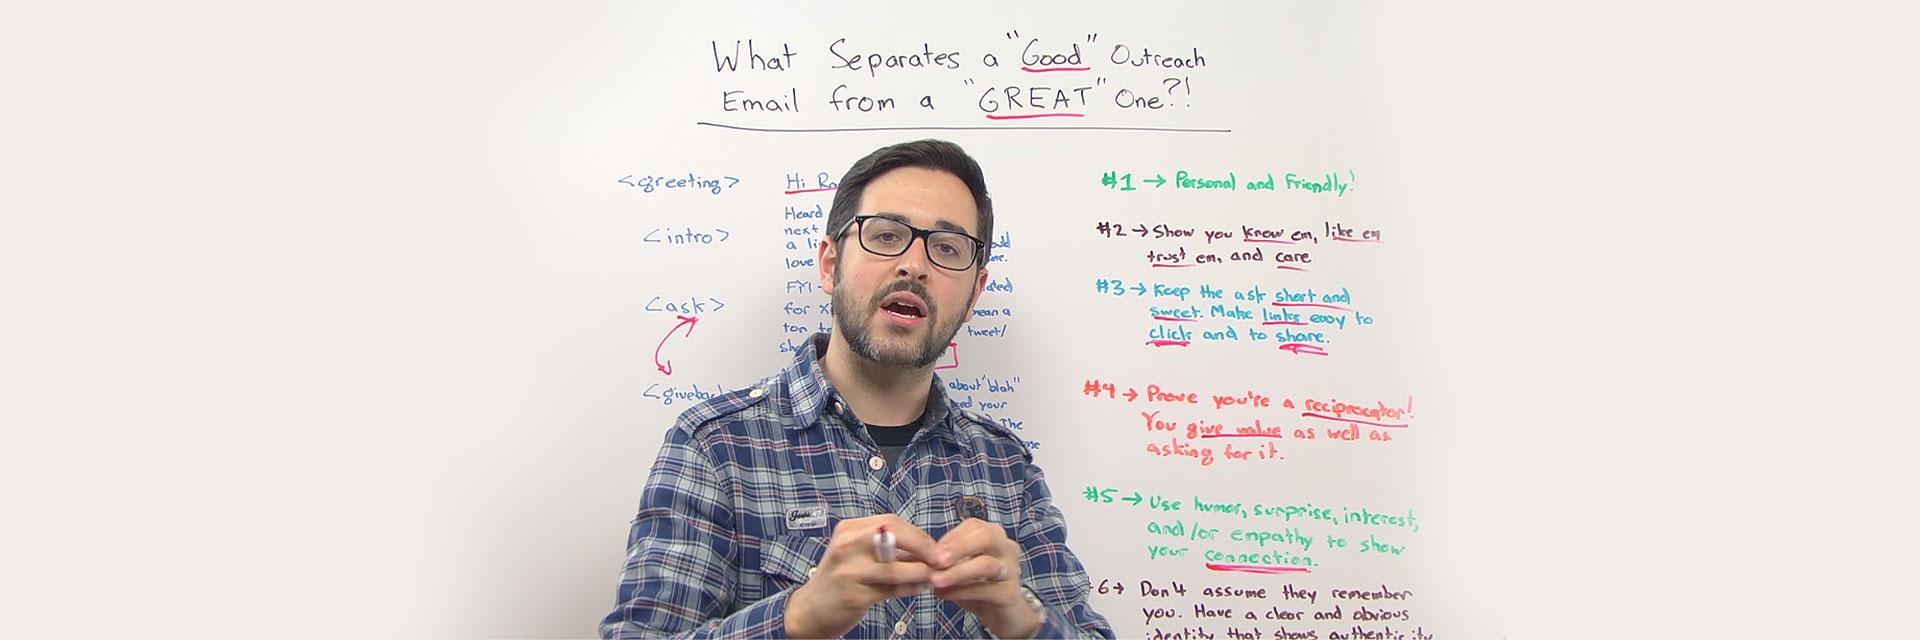 外贸开发信视频:一封合格的开发信和一封优秀的开发信,它们区别在哪里?